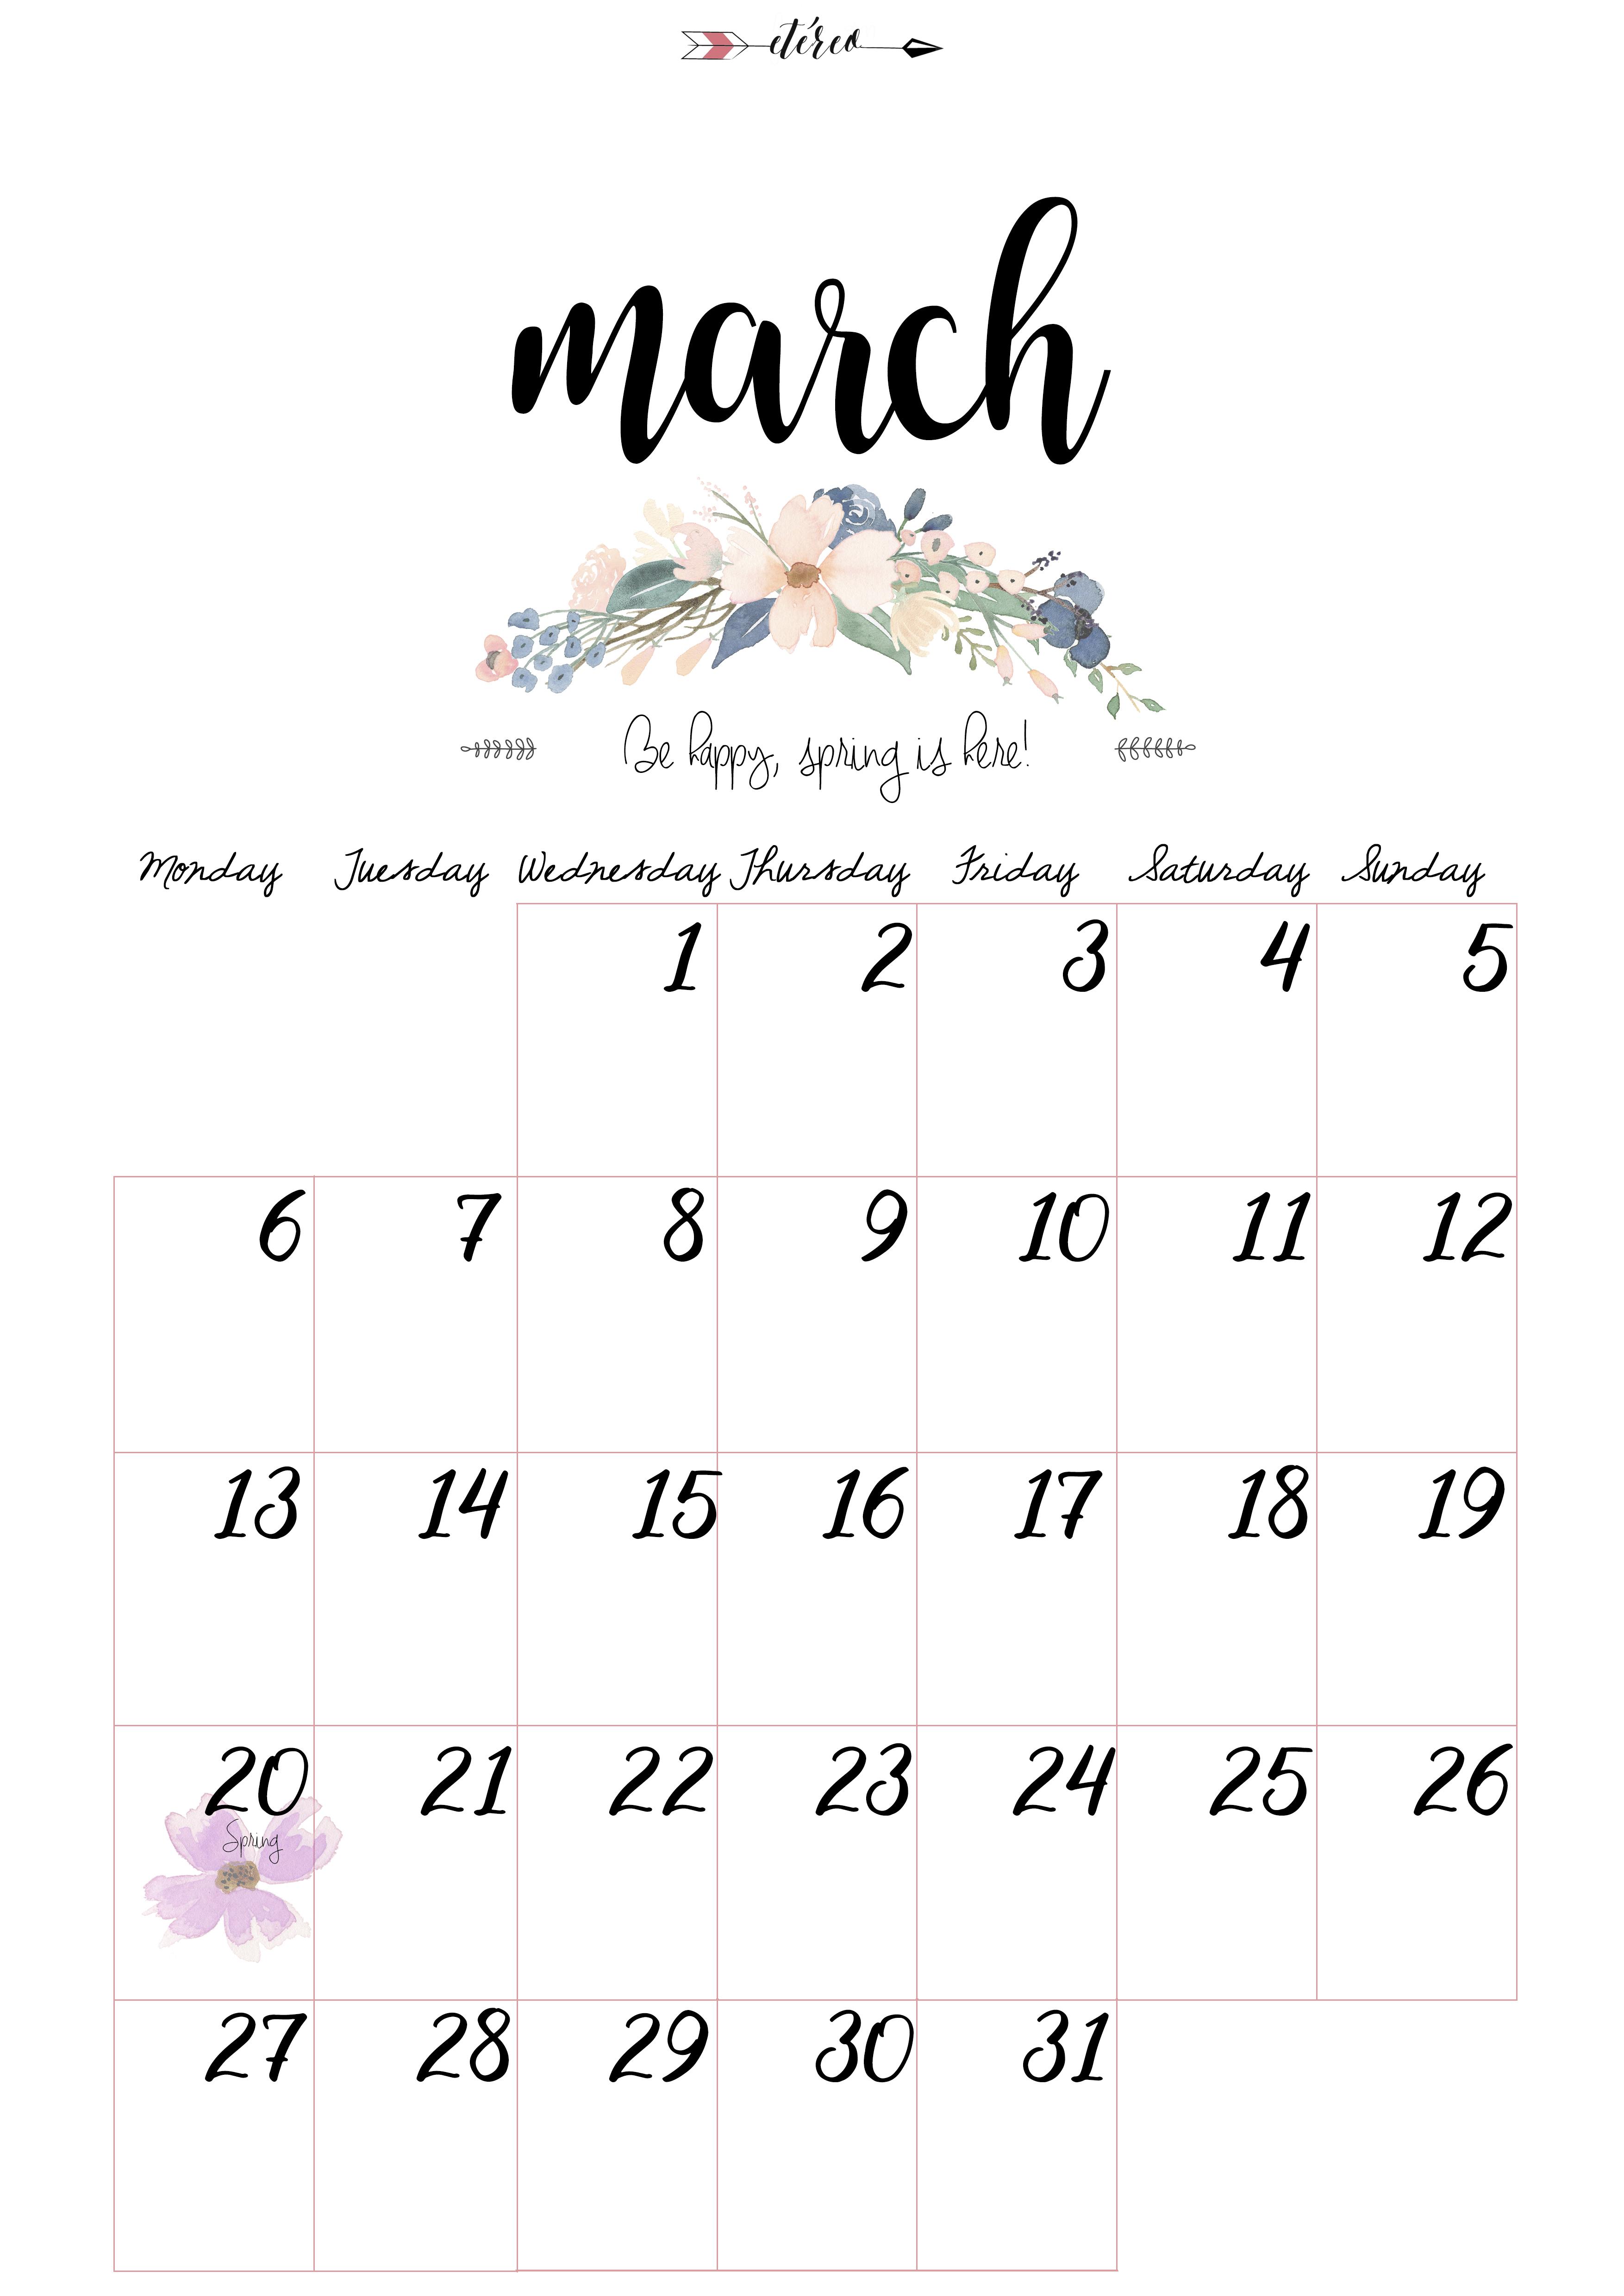 calendario-march